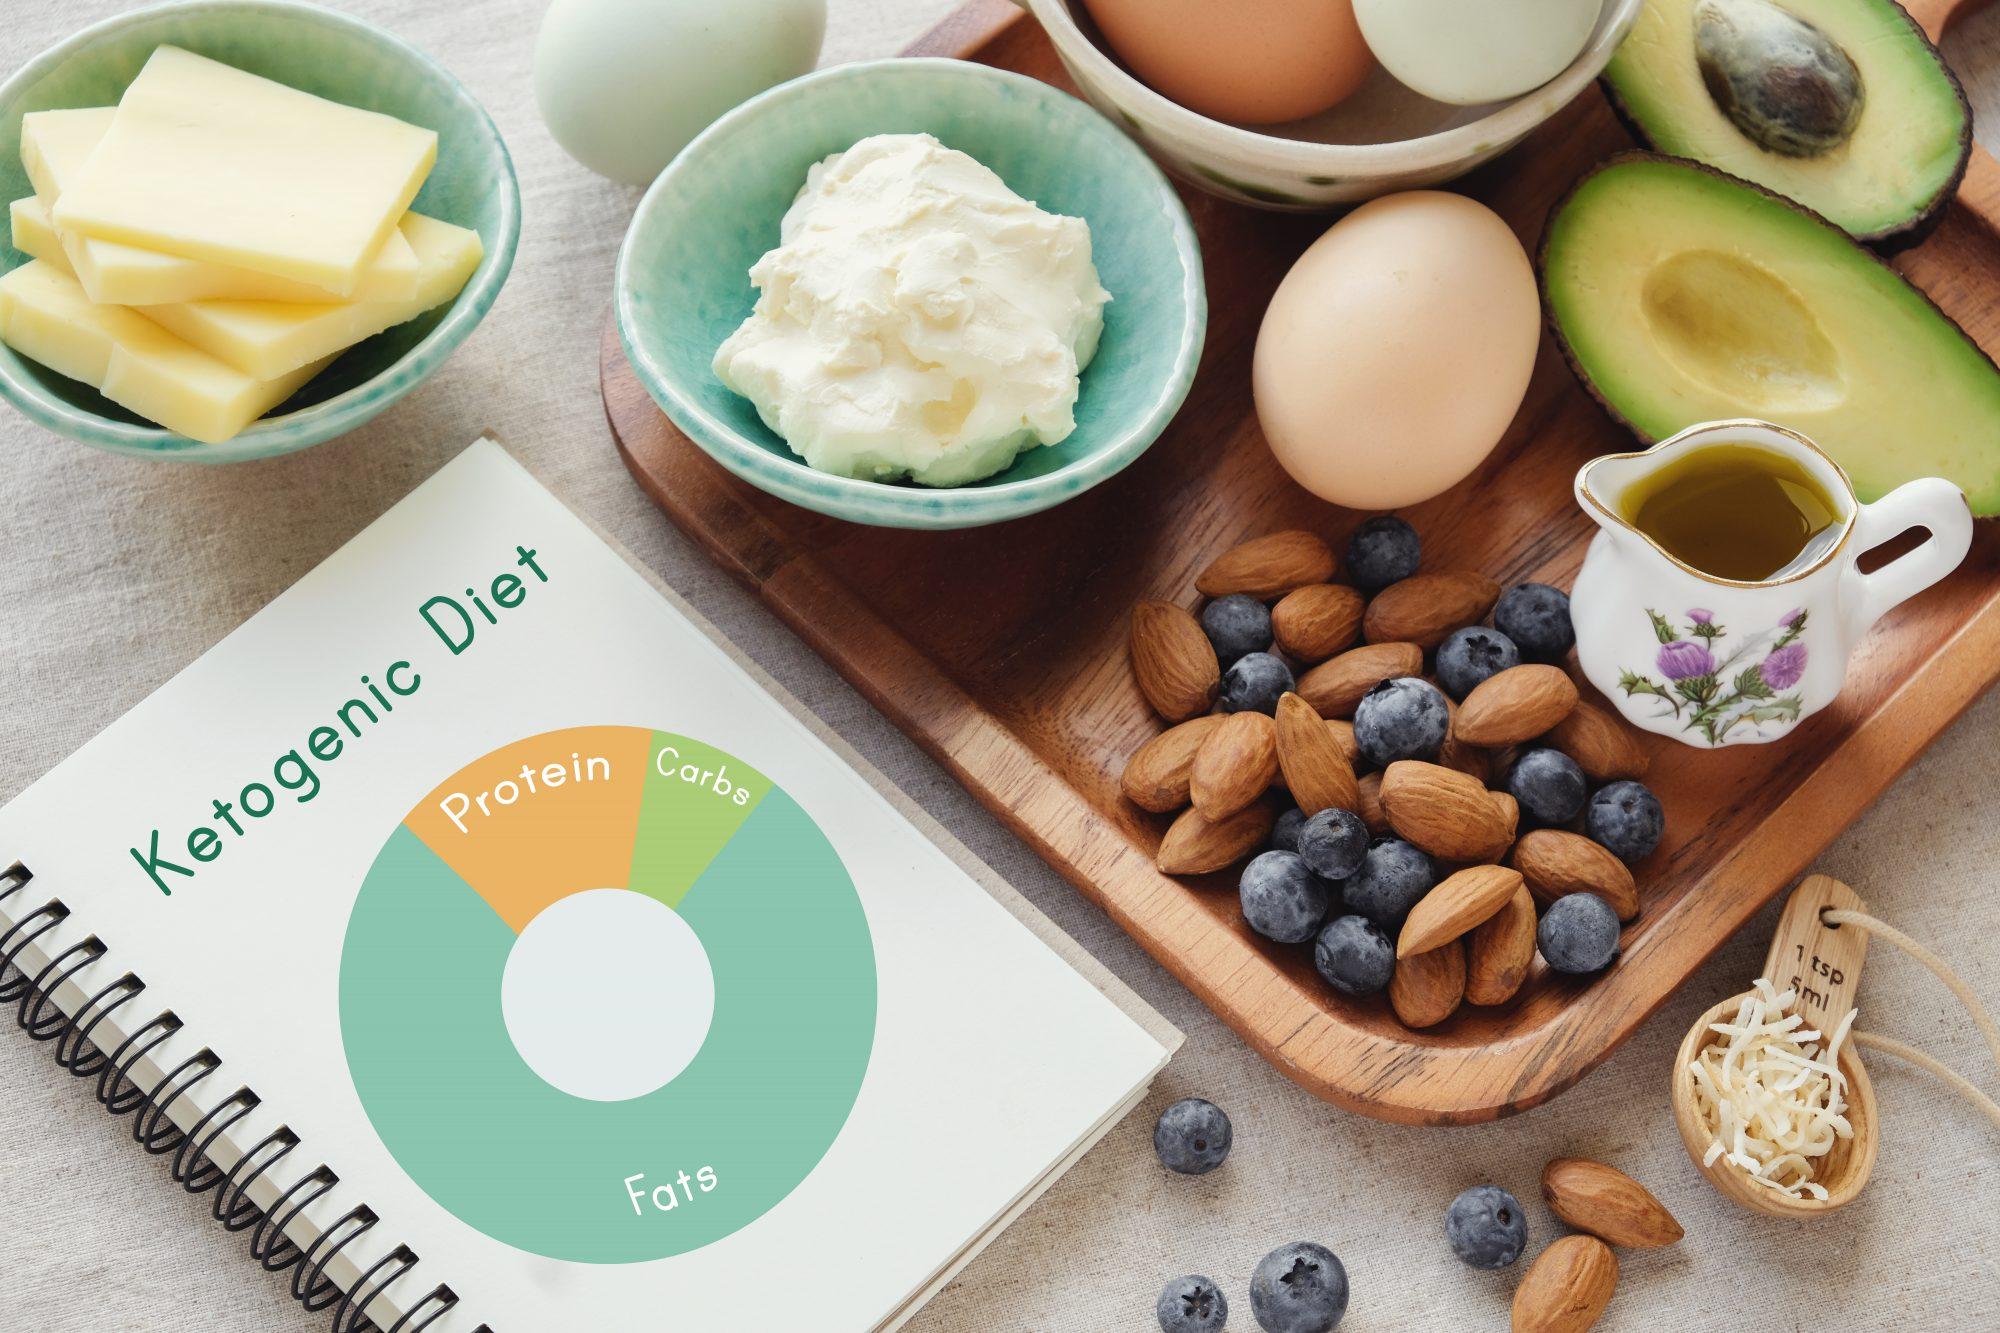 getty-keto-diet-image